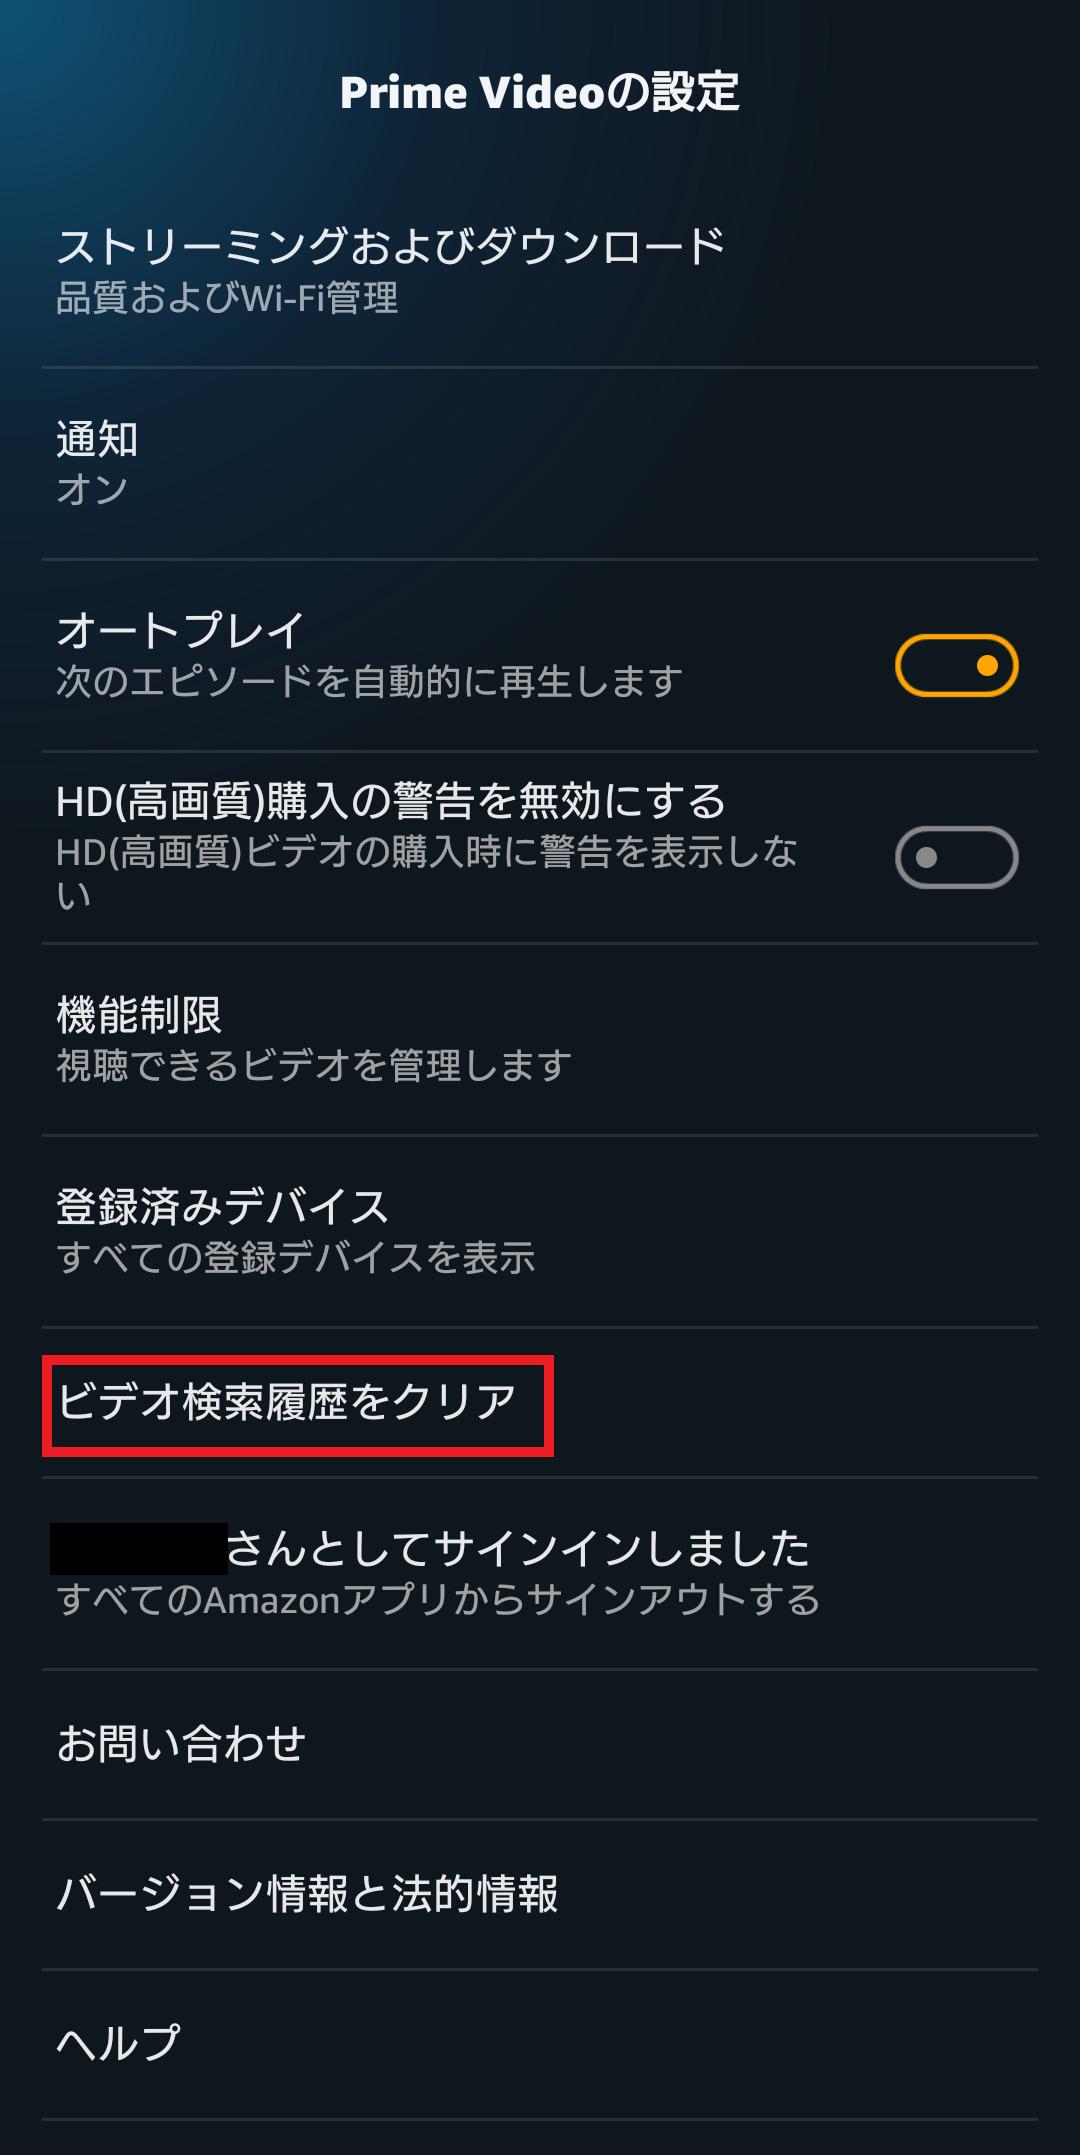 Amazonプライムビデオの検索履歴を削除する方法